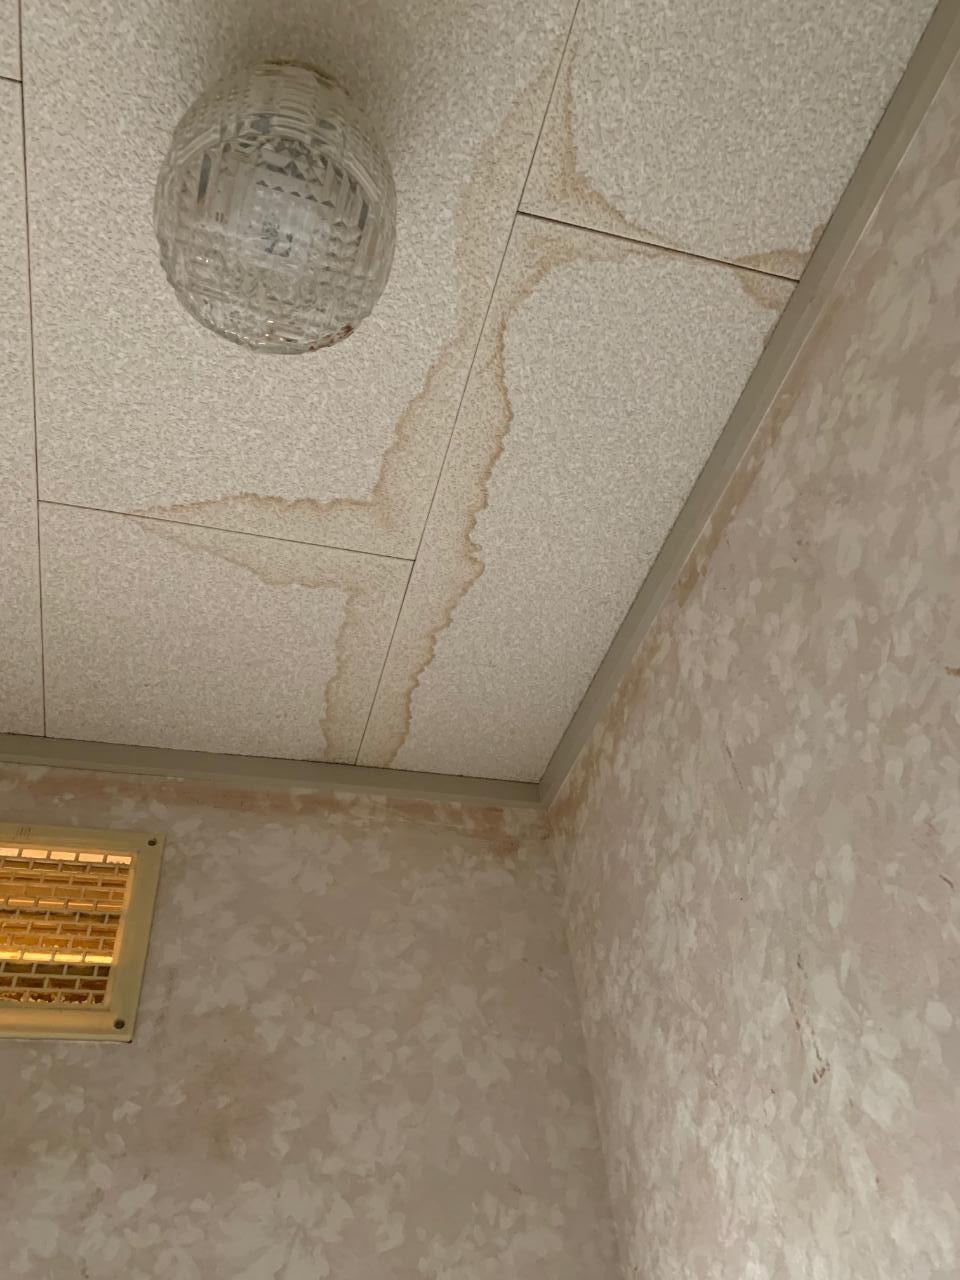 天井にシミができている様子